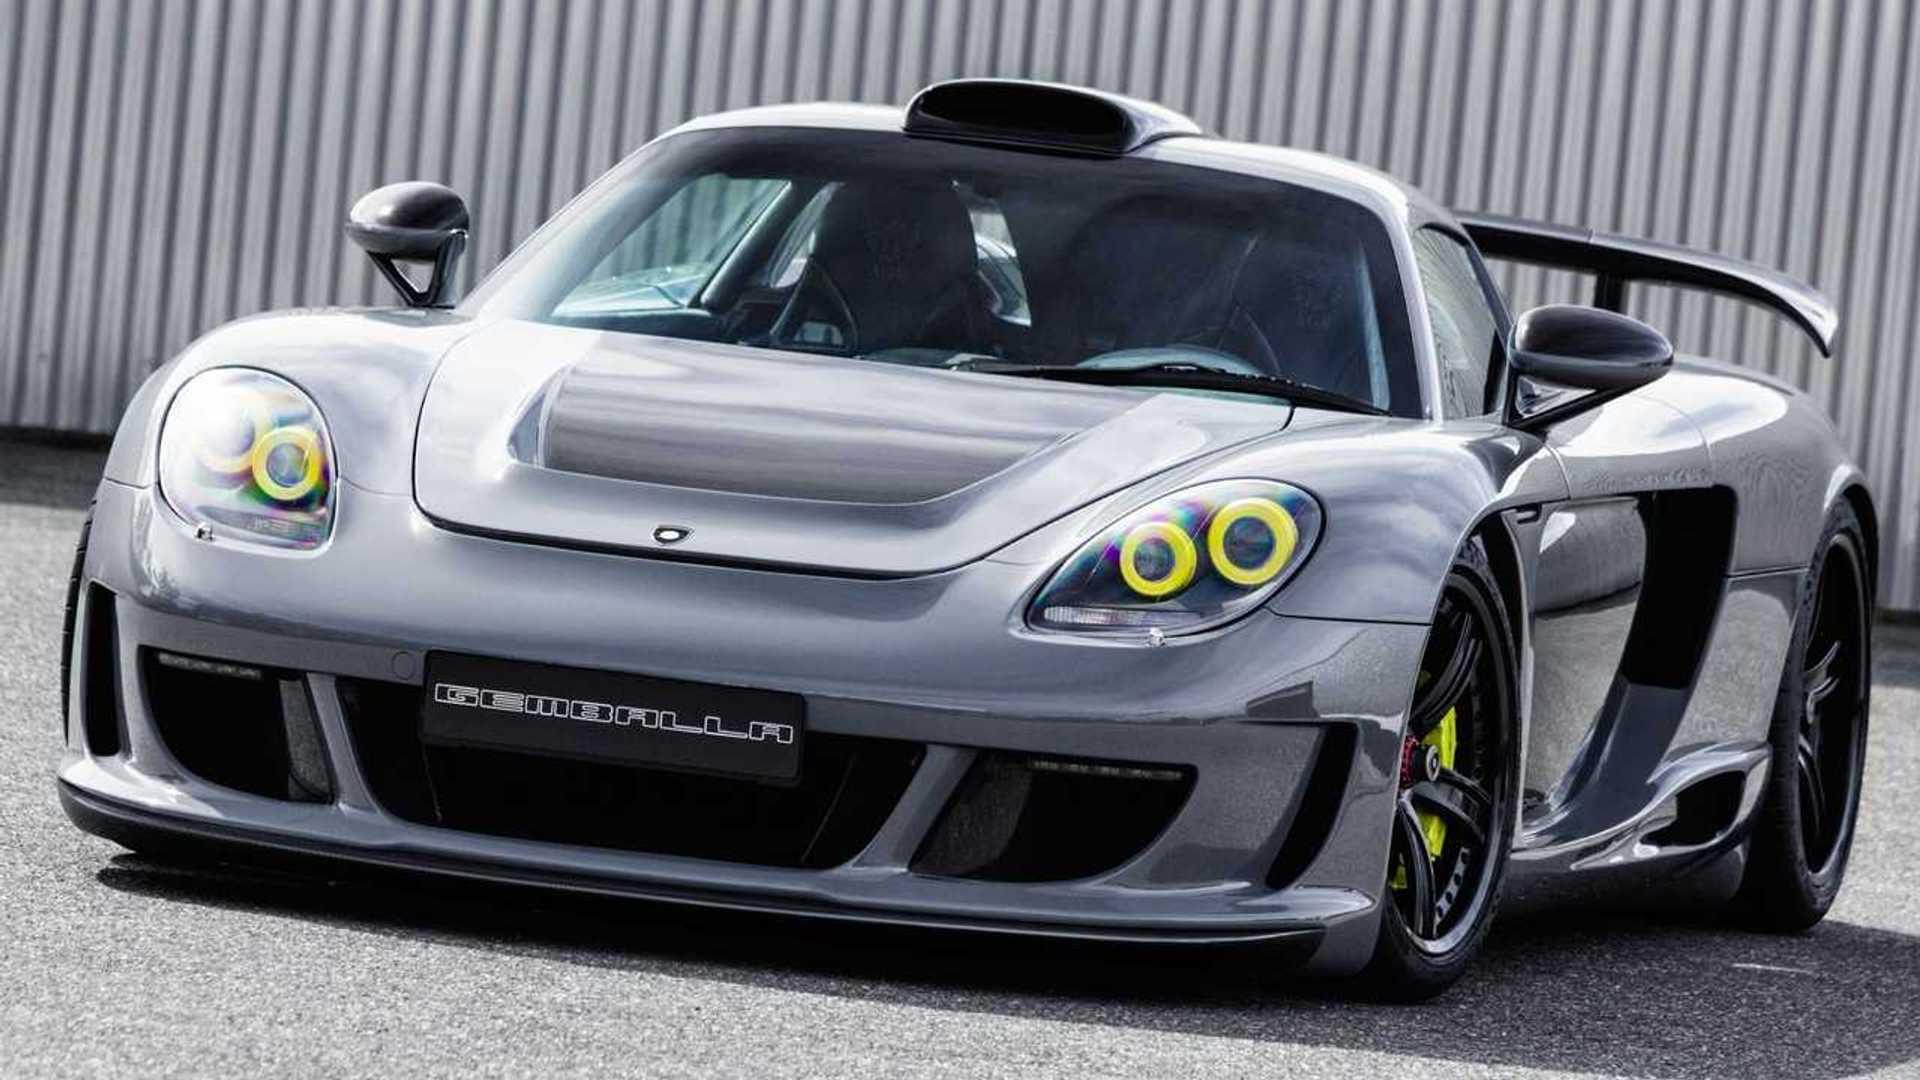 Gemballa Porsche Carrera Gt Took 1 000 Hours To Complete